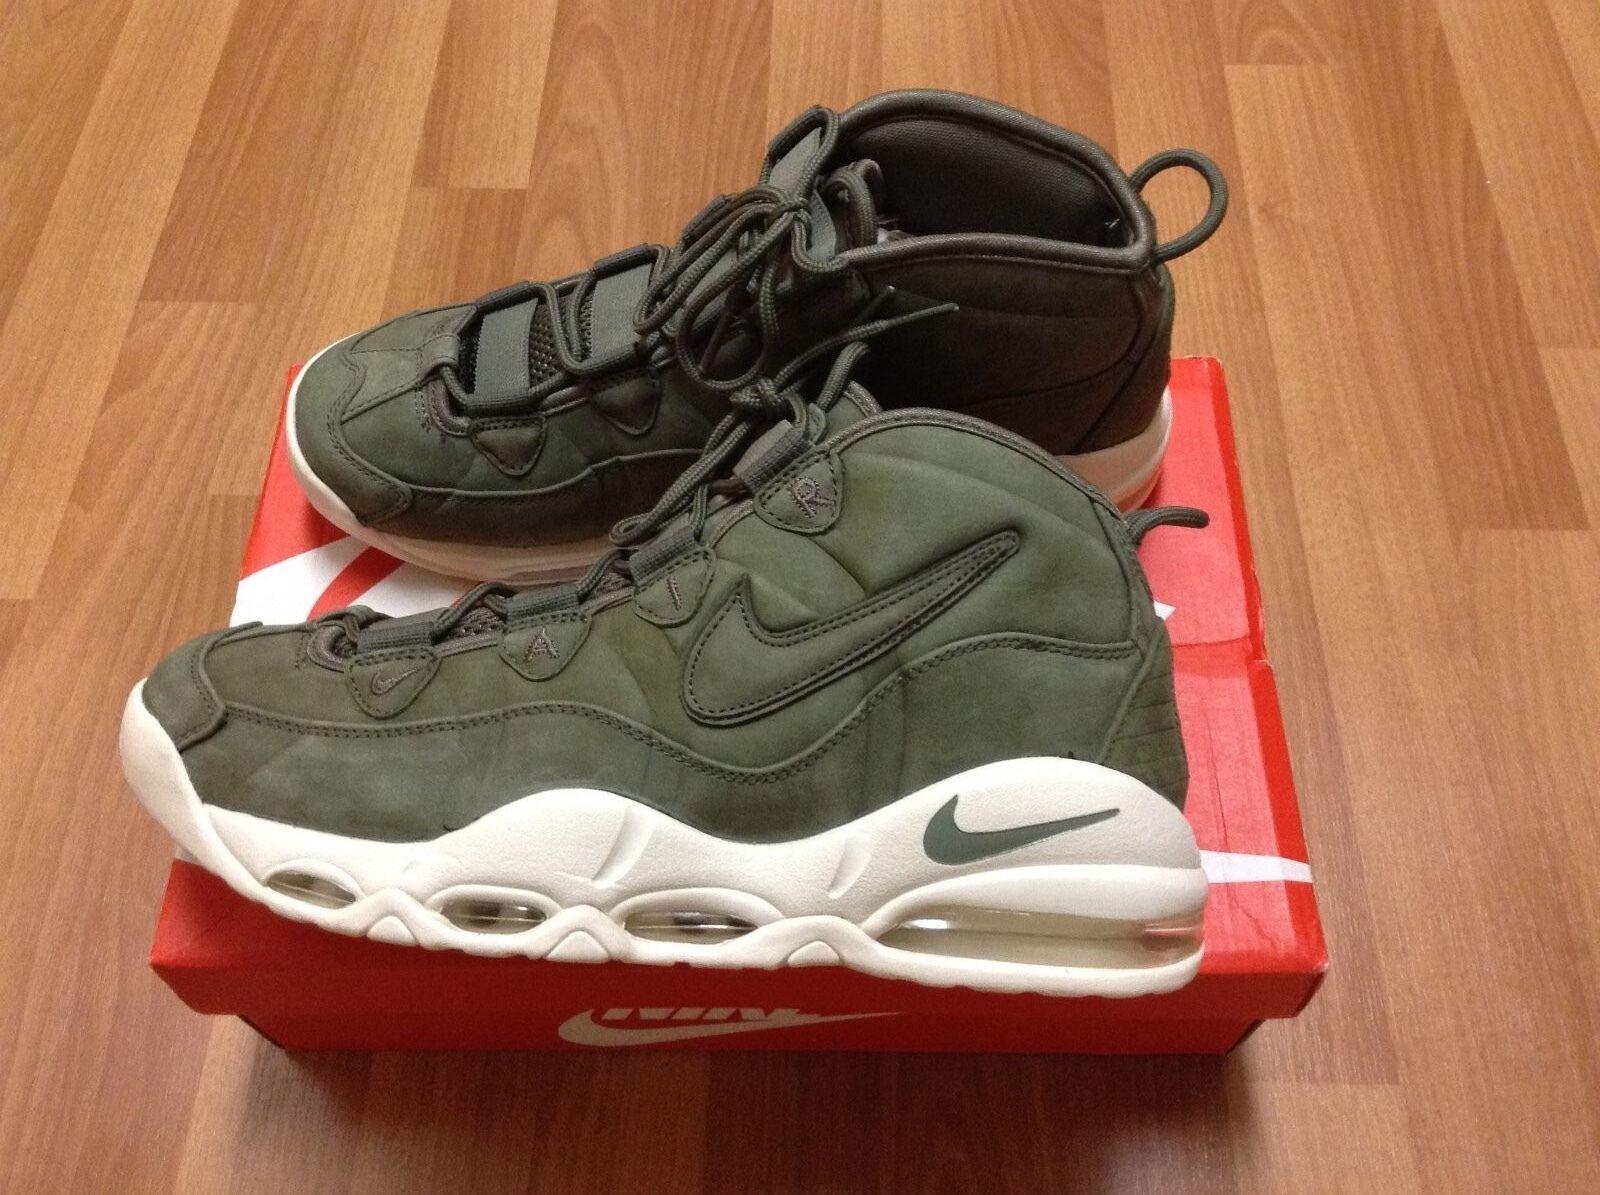 Nike air max uptempo 311090-301 bequem bequem 311090-301 85d66b